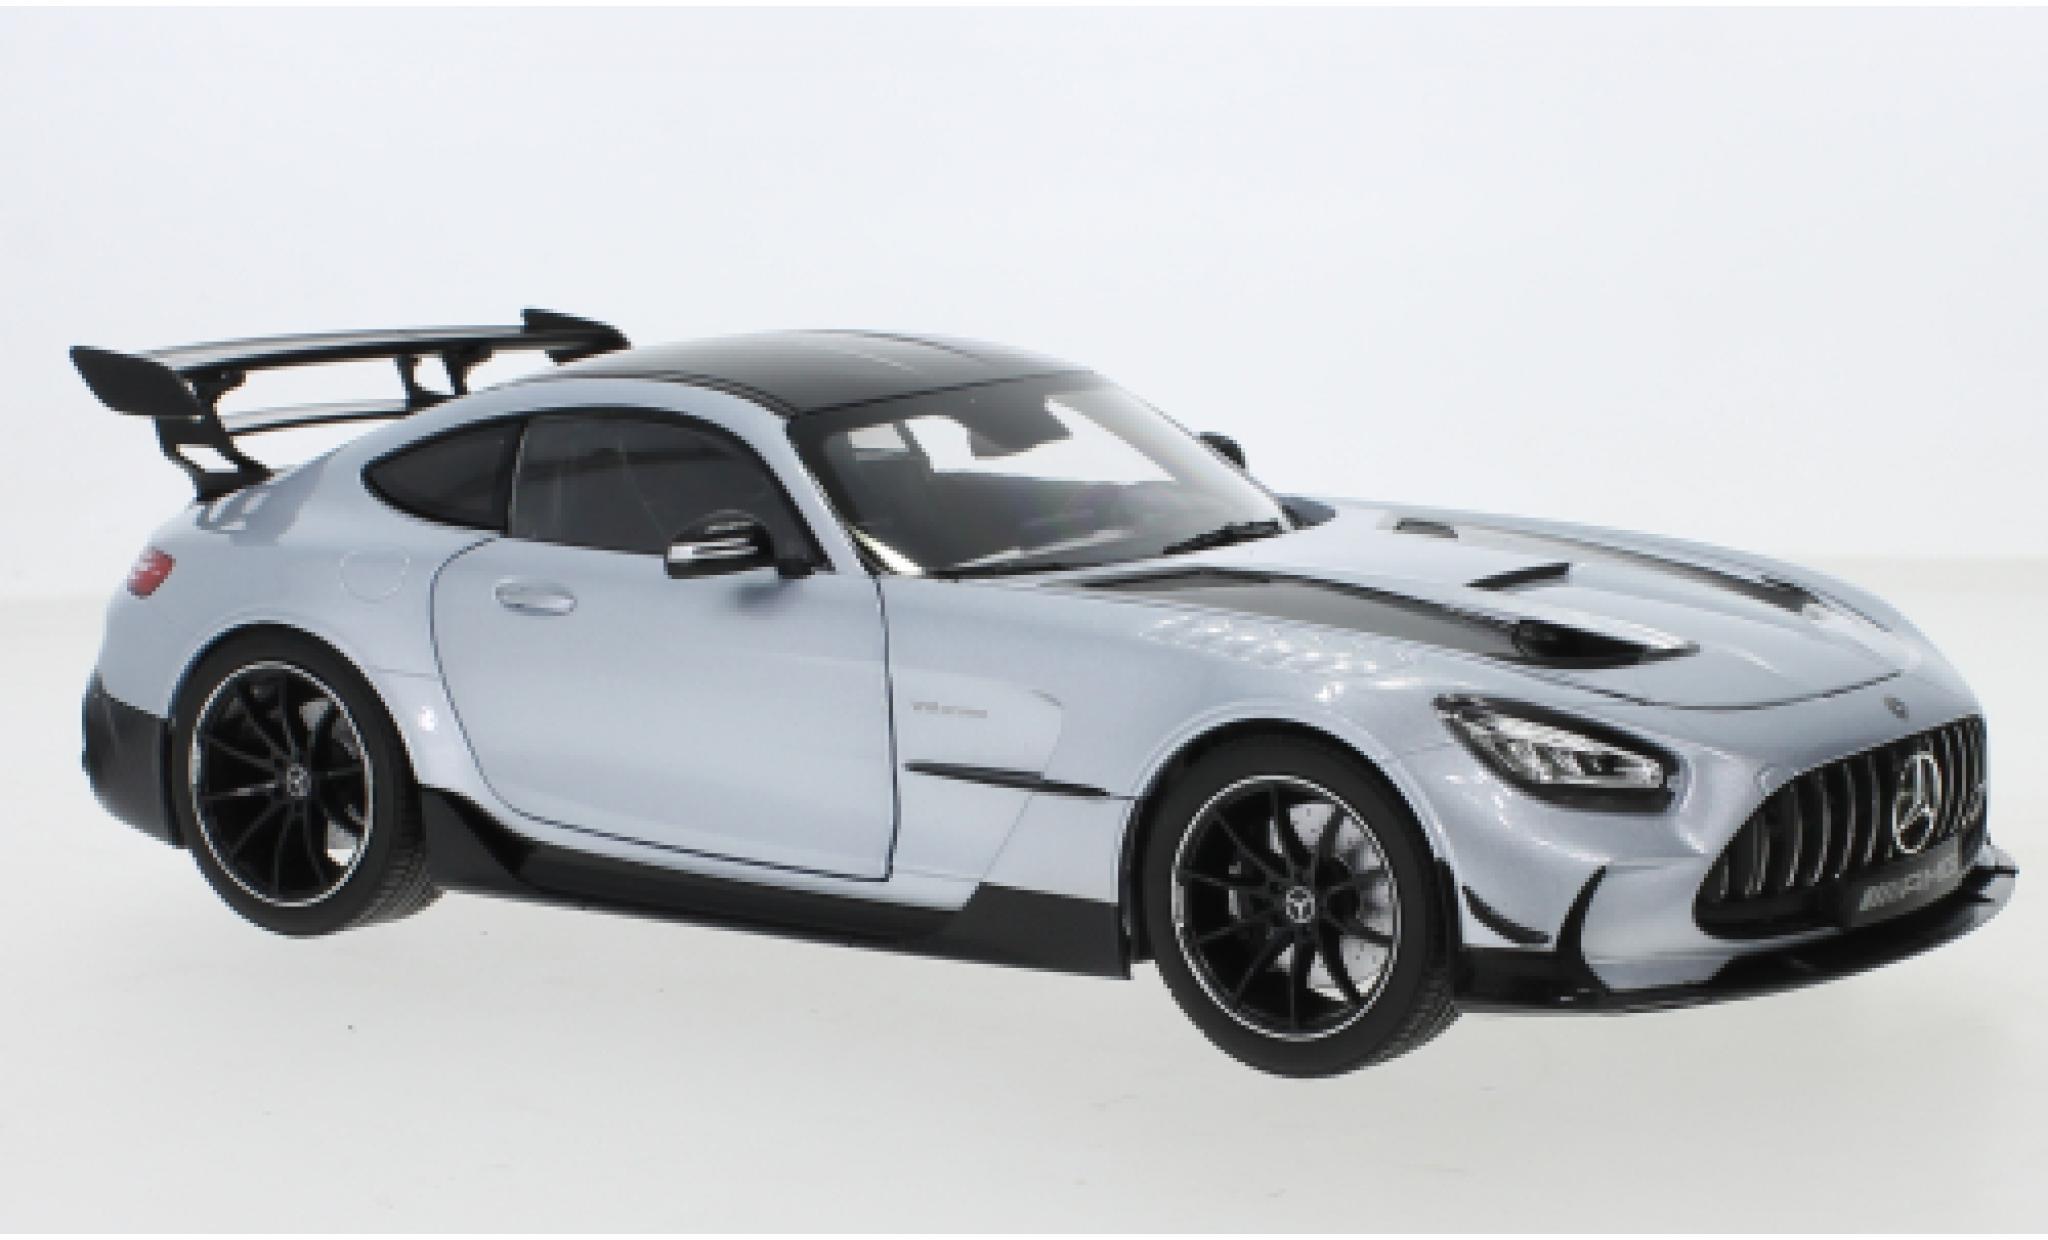 Mercedes AMG GT 1/18 I Norev Black Series (C190) grise